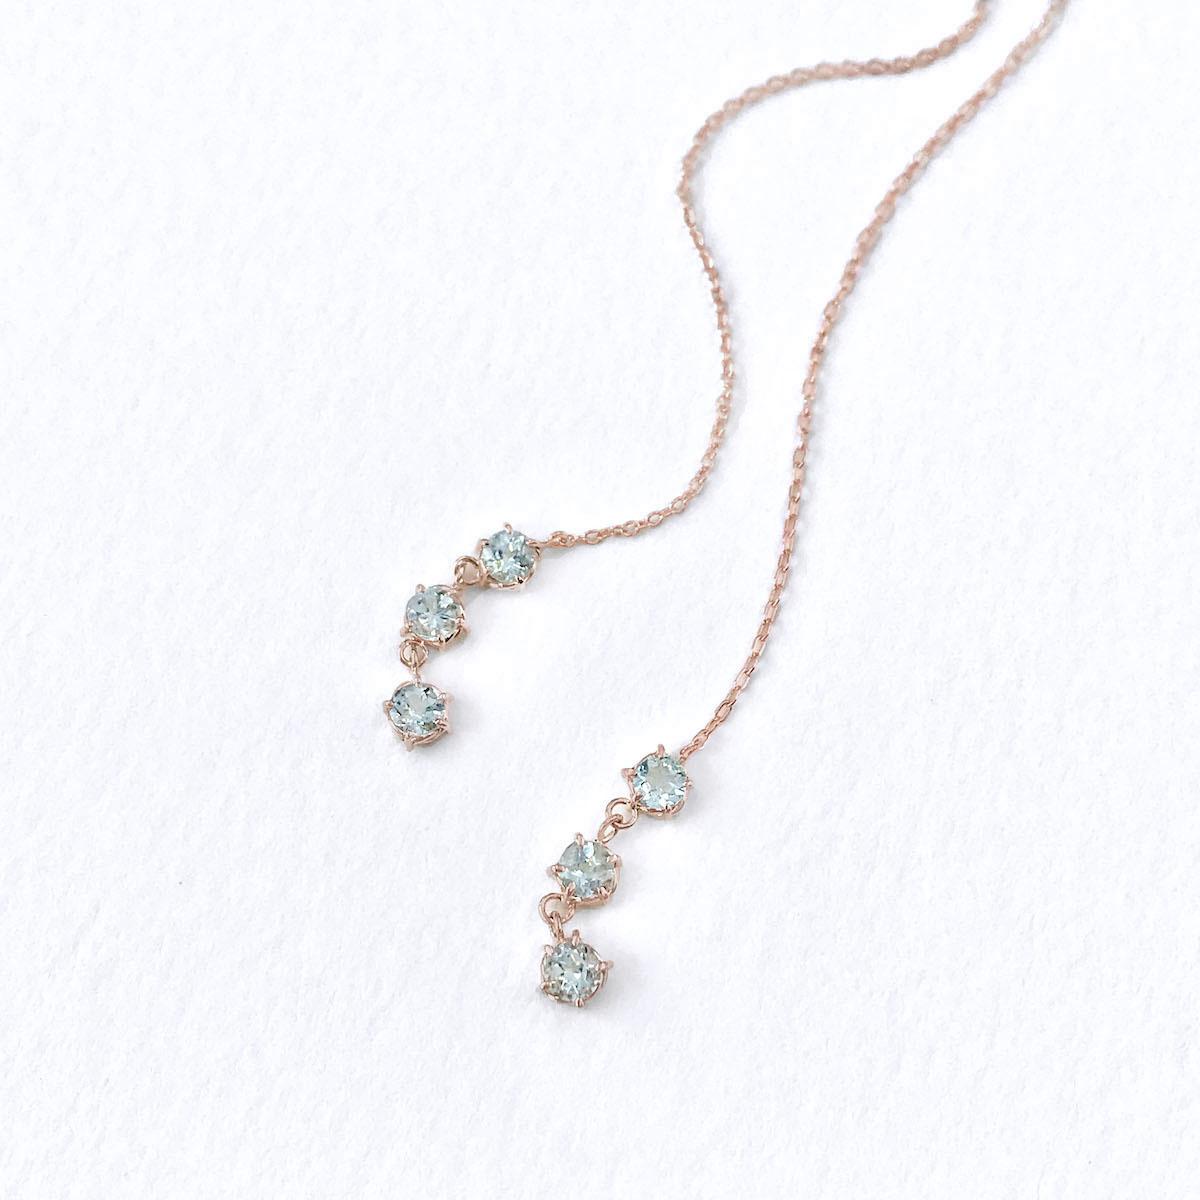 Aquamarine-Trail-18k-14k-jewelyrie_5453 copy